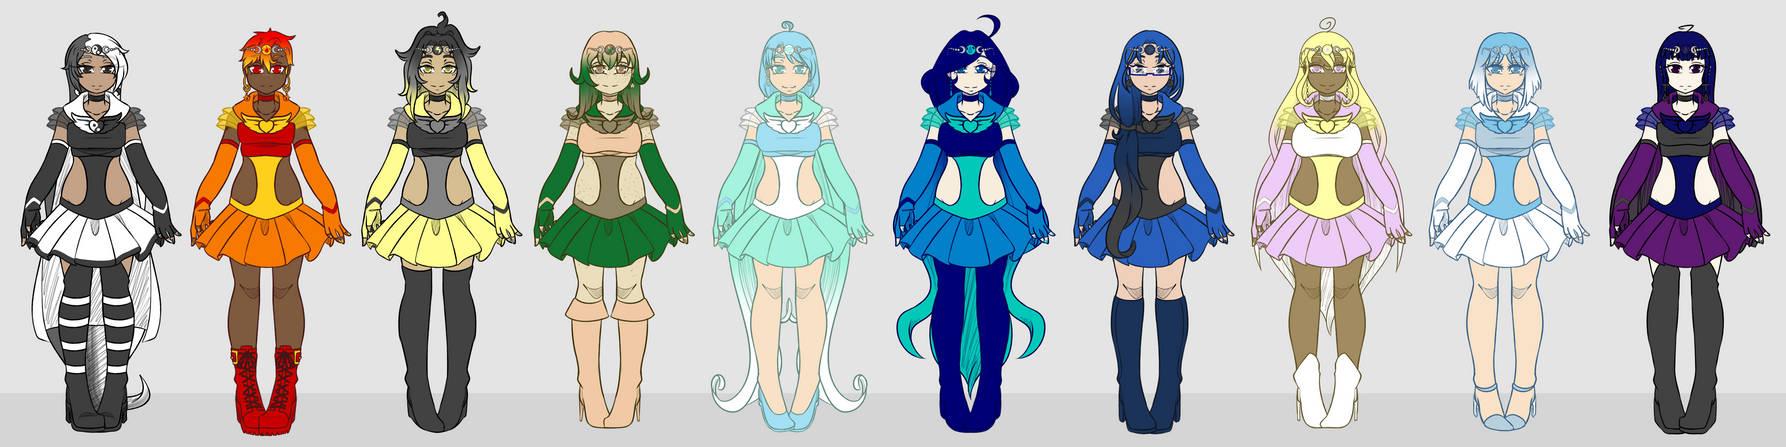 Sailor Moon OCs - Elements